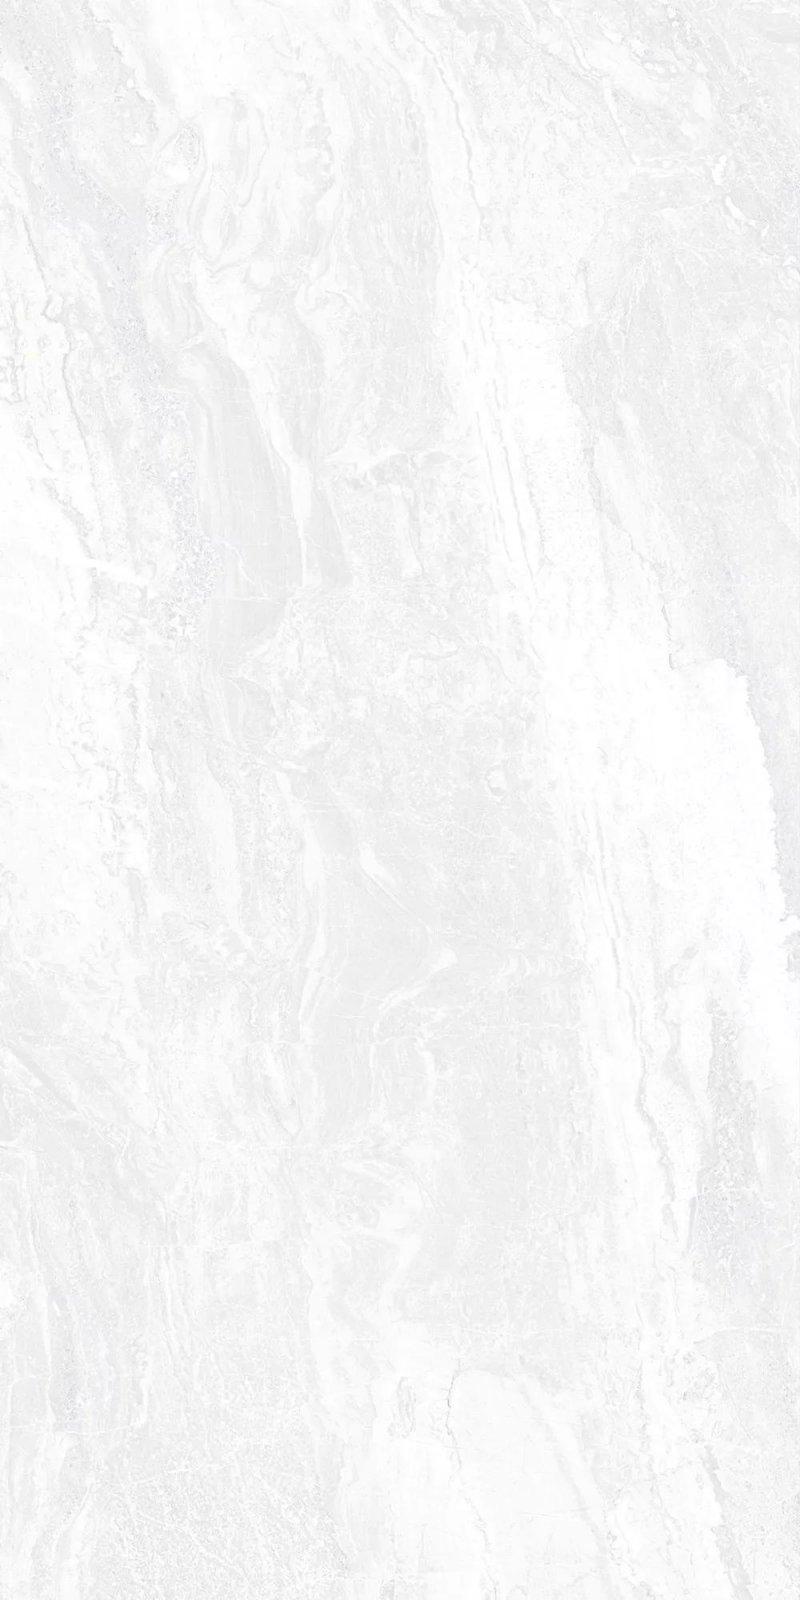 大将军陶瓷星际系列图片 现代简约风格装修效果图